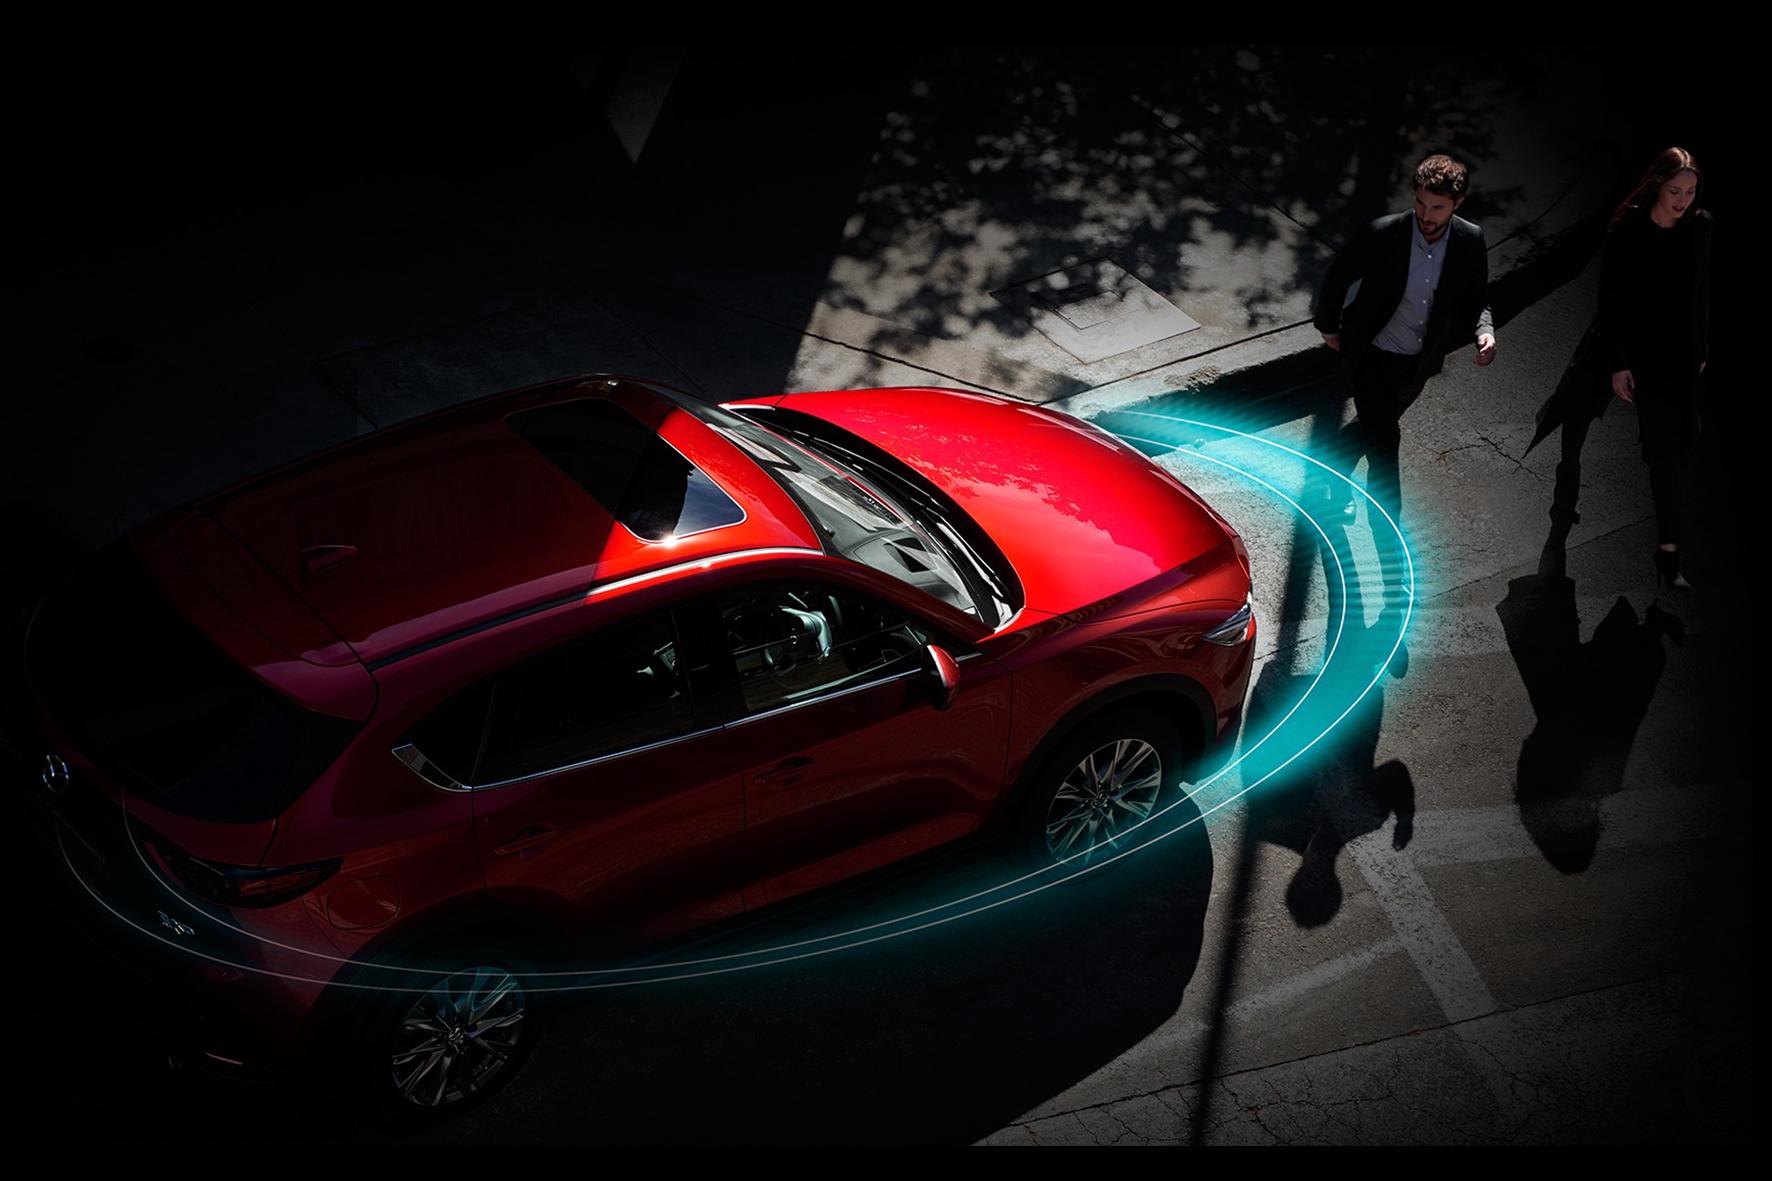 Ưu thế nào giúp Mazda CX-5 'thống lĩnh' phân khúc SUV cỡ trung tại Việt Nam? - Ảnh 1.